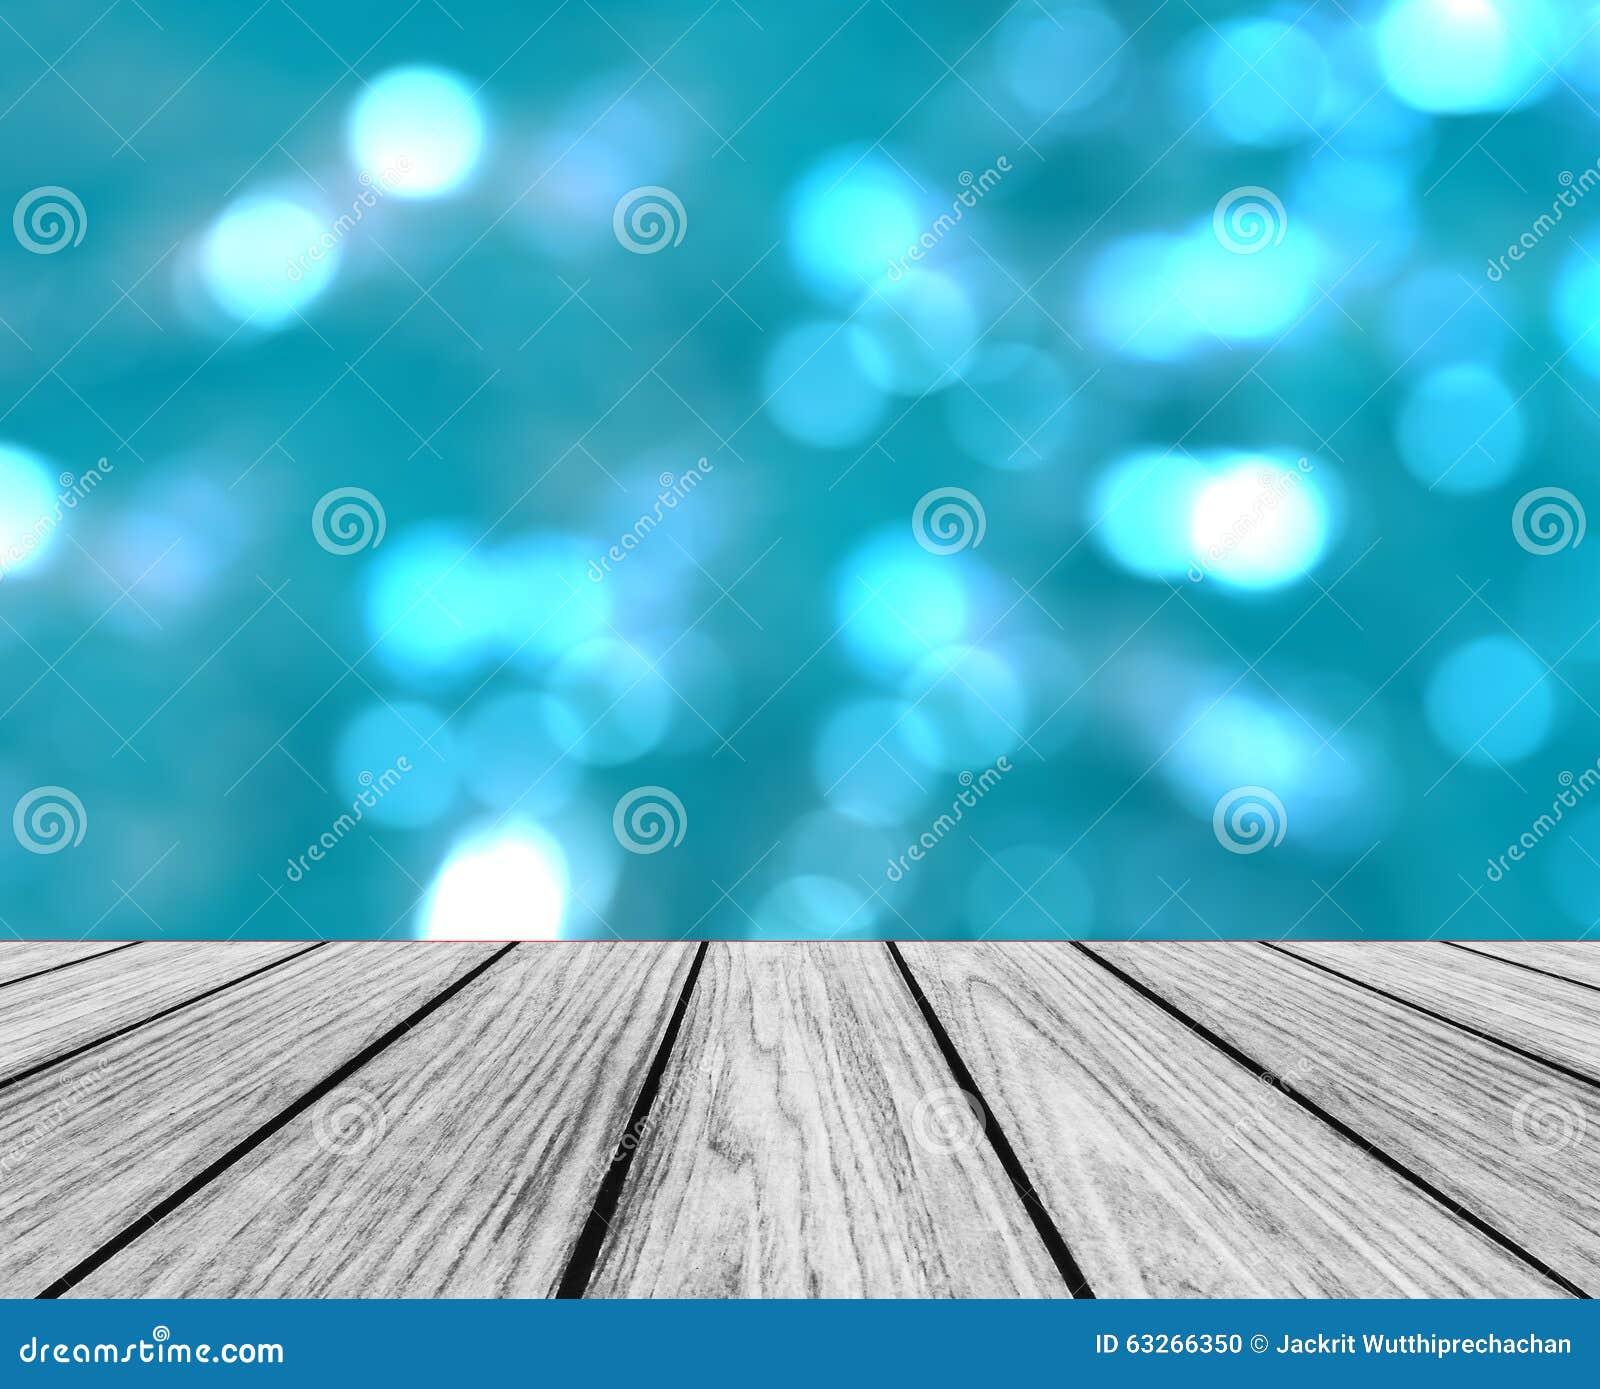 Leeren Sie hölzerne Perspektiven-Plattform mit dem funkelnden abstrakten bunten runden hellen Bokeh-Kreis-Hintergrund, der als Sc